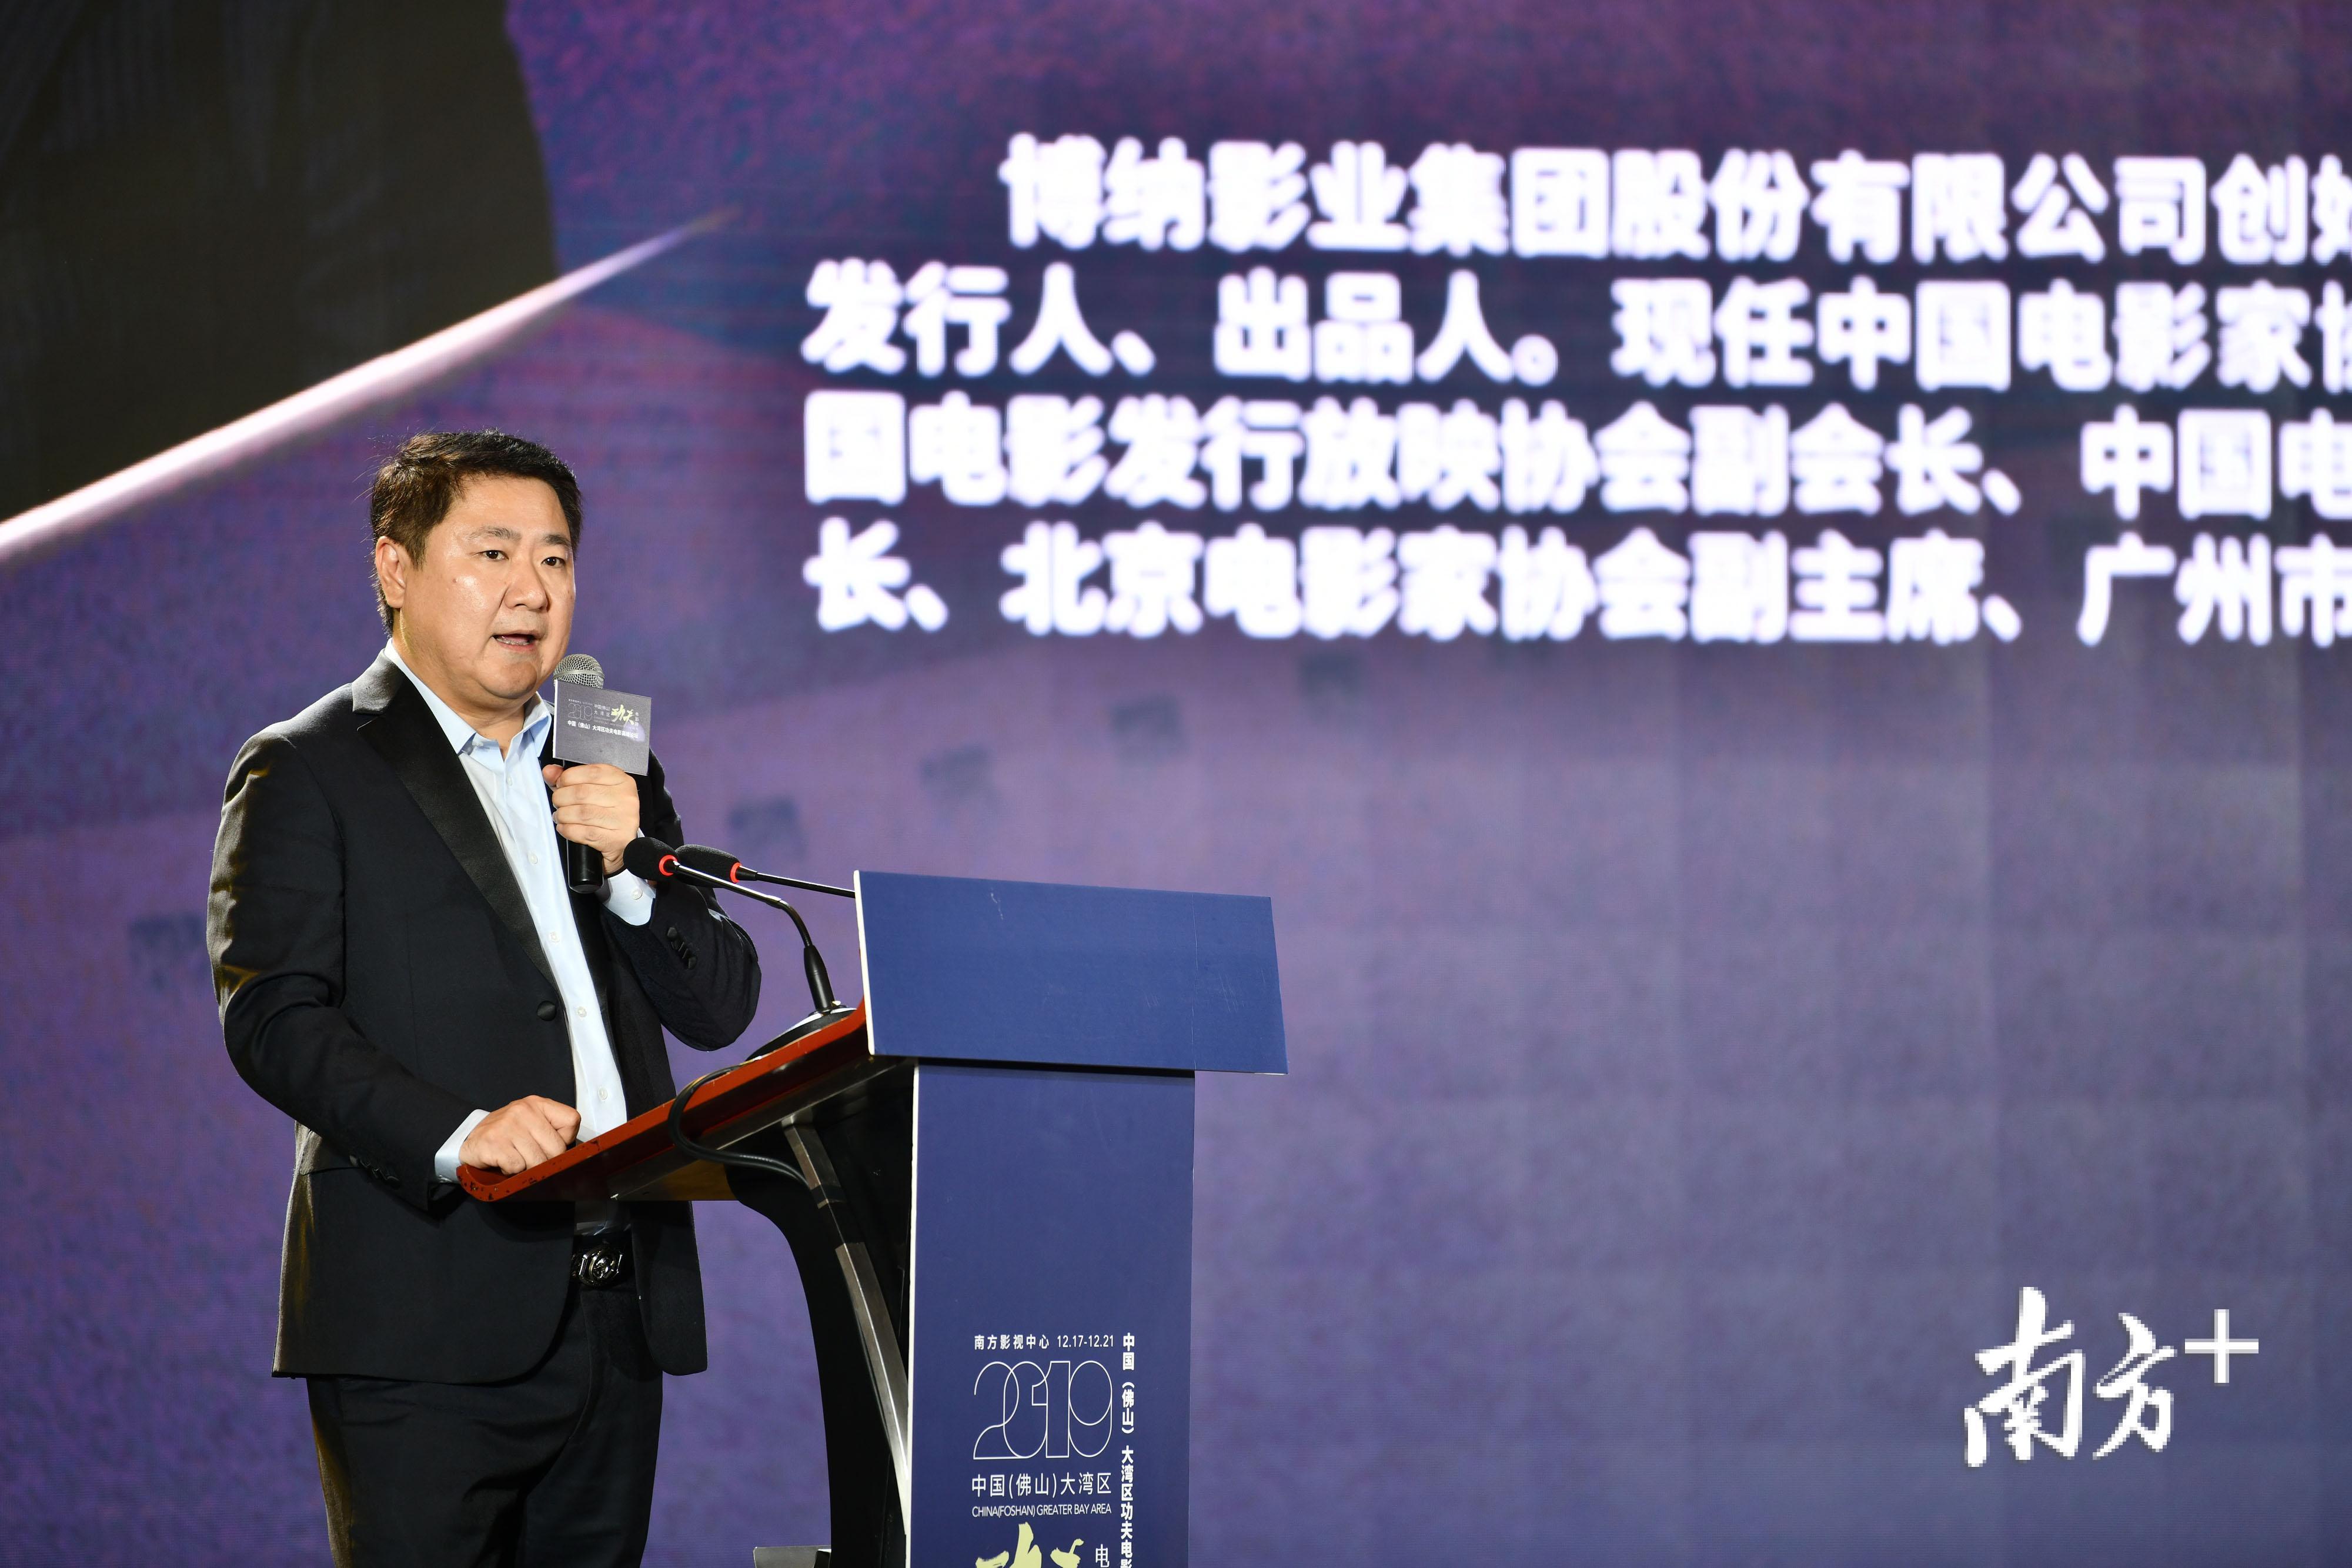 博納影業董事長於冬: 香港電影要回歸粵港澳大灣區, 才能找到精神家園